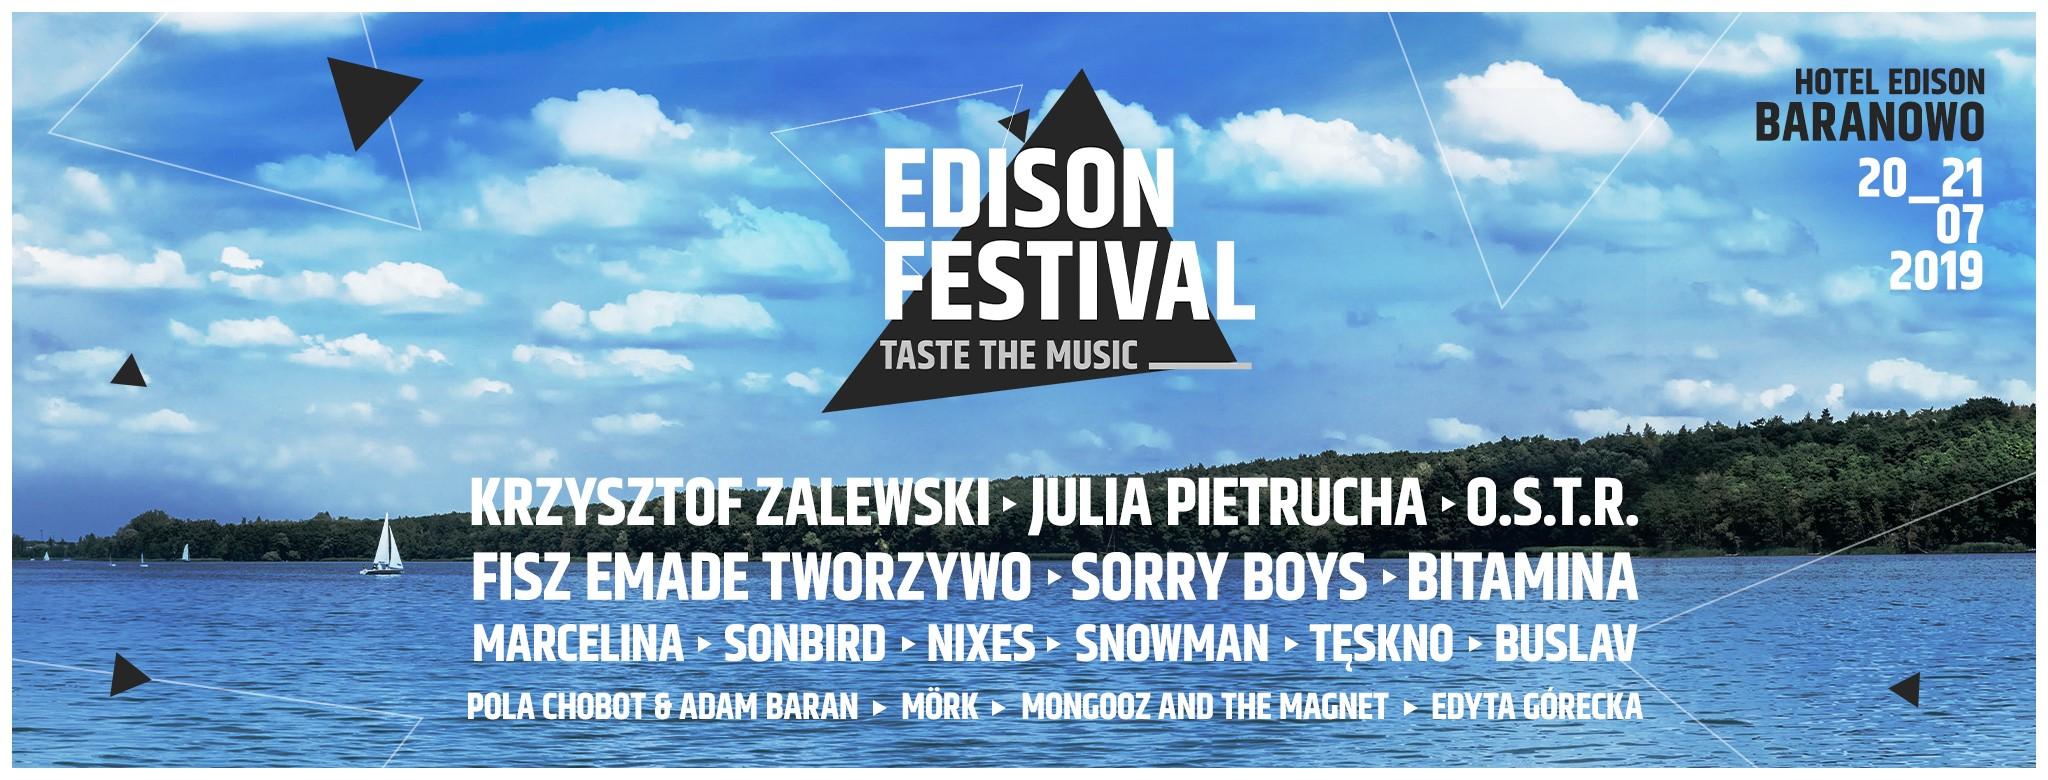 Edison Festival - Taste The Music 2019